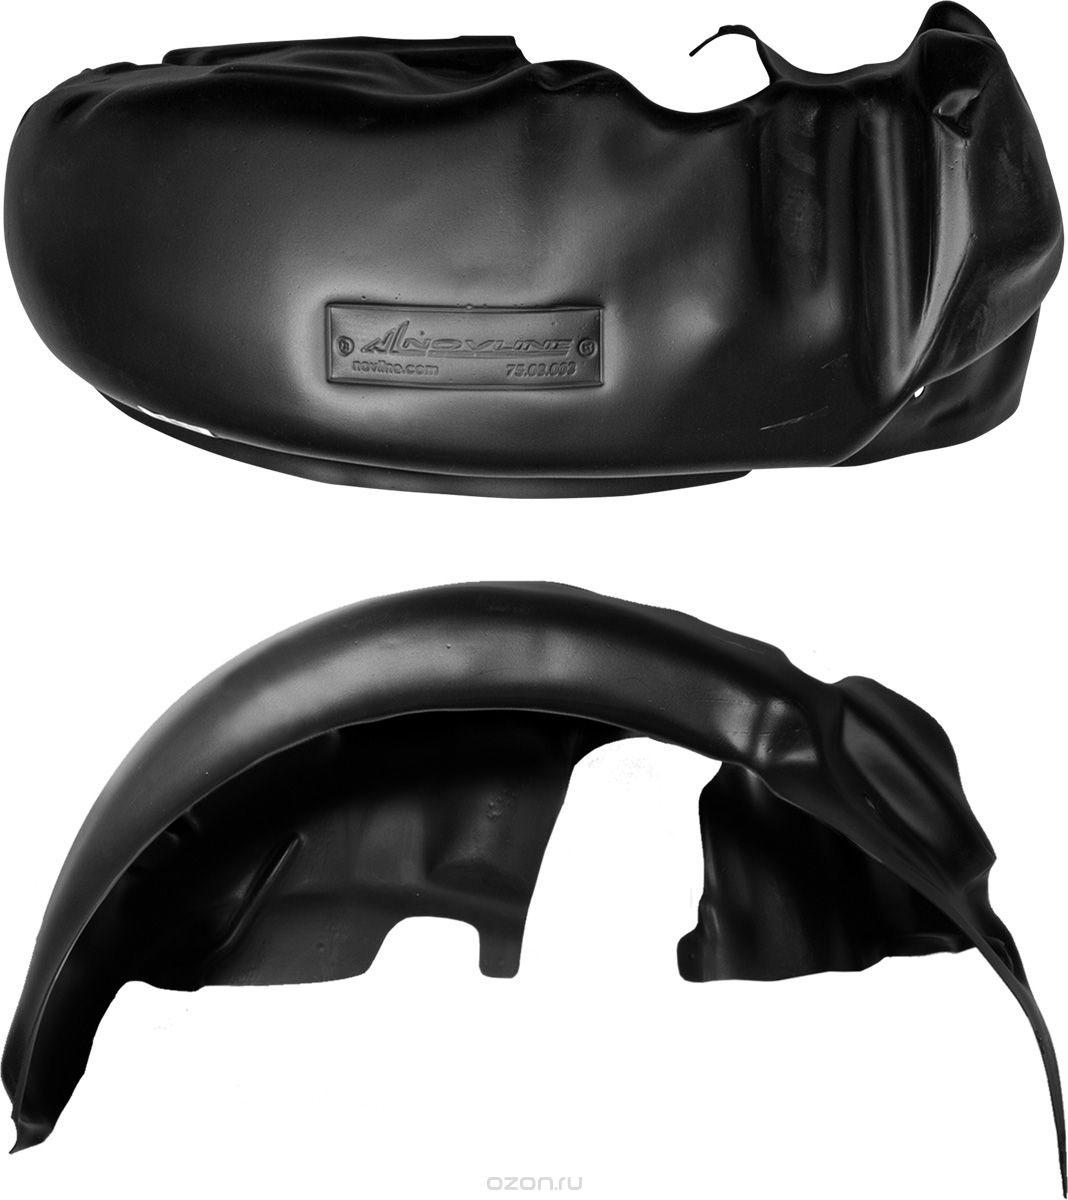 Подкрылок Novline-Autofamily, для CHERY Tiggo 01/2006-2013, передний левый234100Идеальная защита колесной ниши. Локеры разработаны с применением цифровых технологий, гарантируют максимальную повторяемость поверхности арки. Изделия устанавливаются без нарушения лакокрасочного покрытия автомобиля, каждый подкрылок комплектуется крепежом. Уважаемые клиенты, обращаем ваше внимание, что фотографии на подкрылки универсальные и не отражают реальную форму изделия. При этом само изделие идет точно под размер указанного автомобиля.